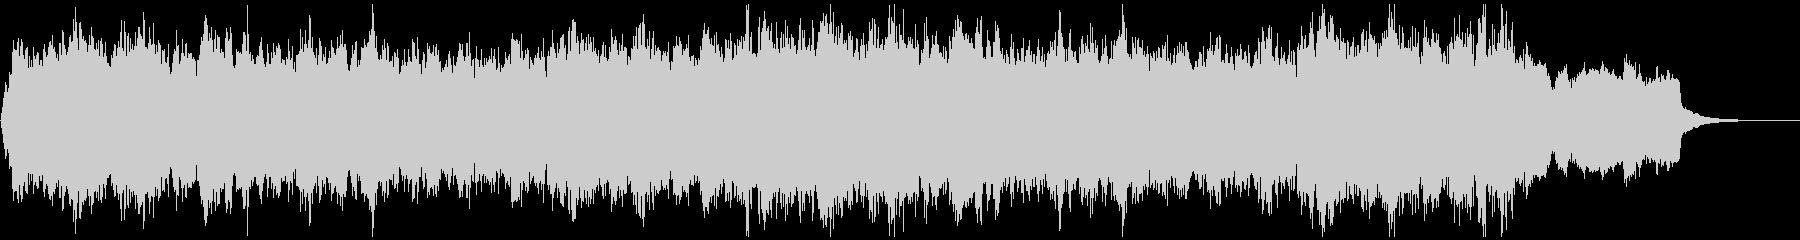 ド定番Xmasキャロルのコーラスアレンジの未再生の波形